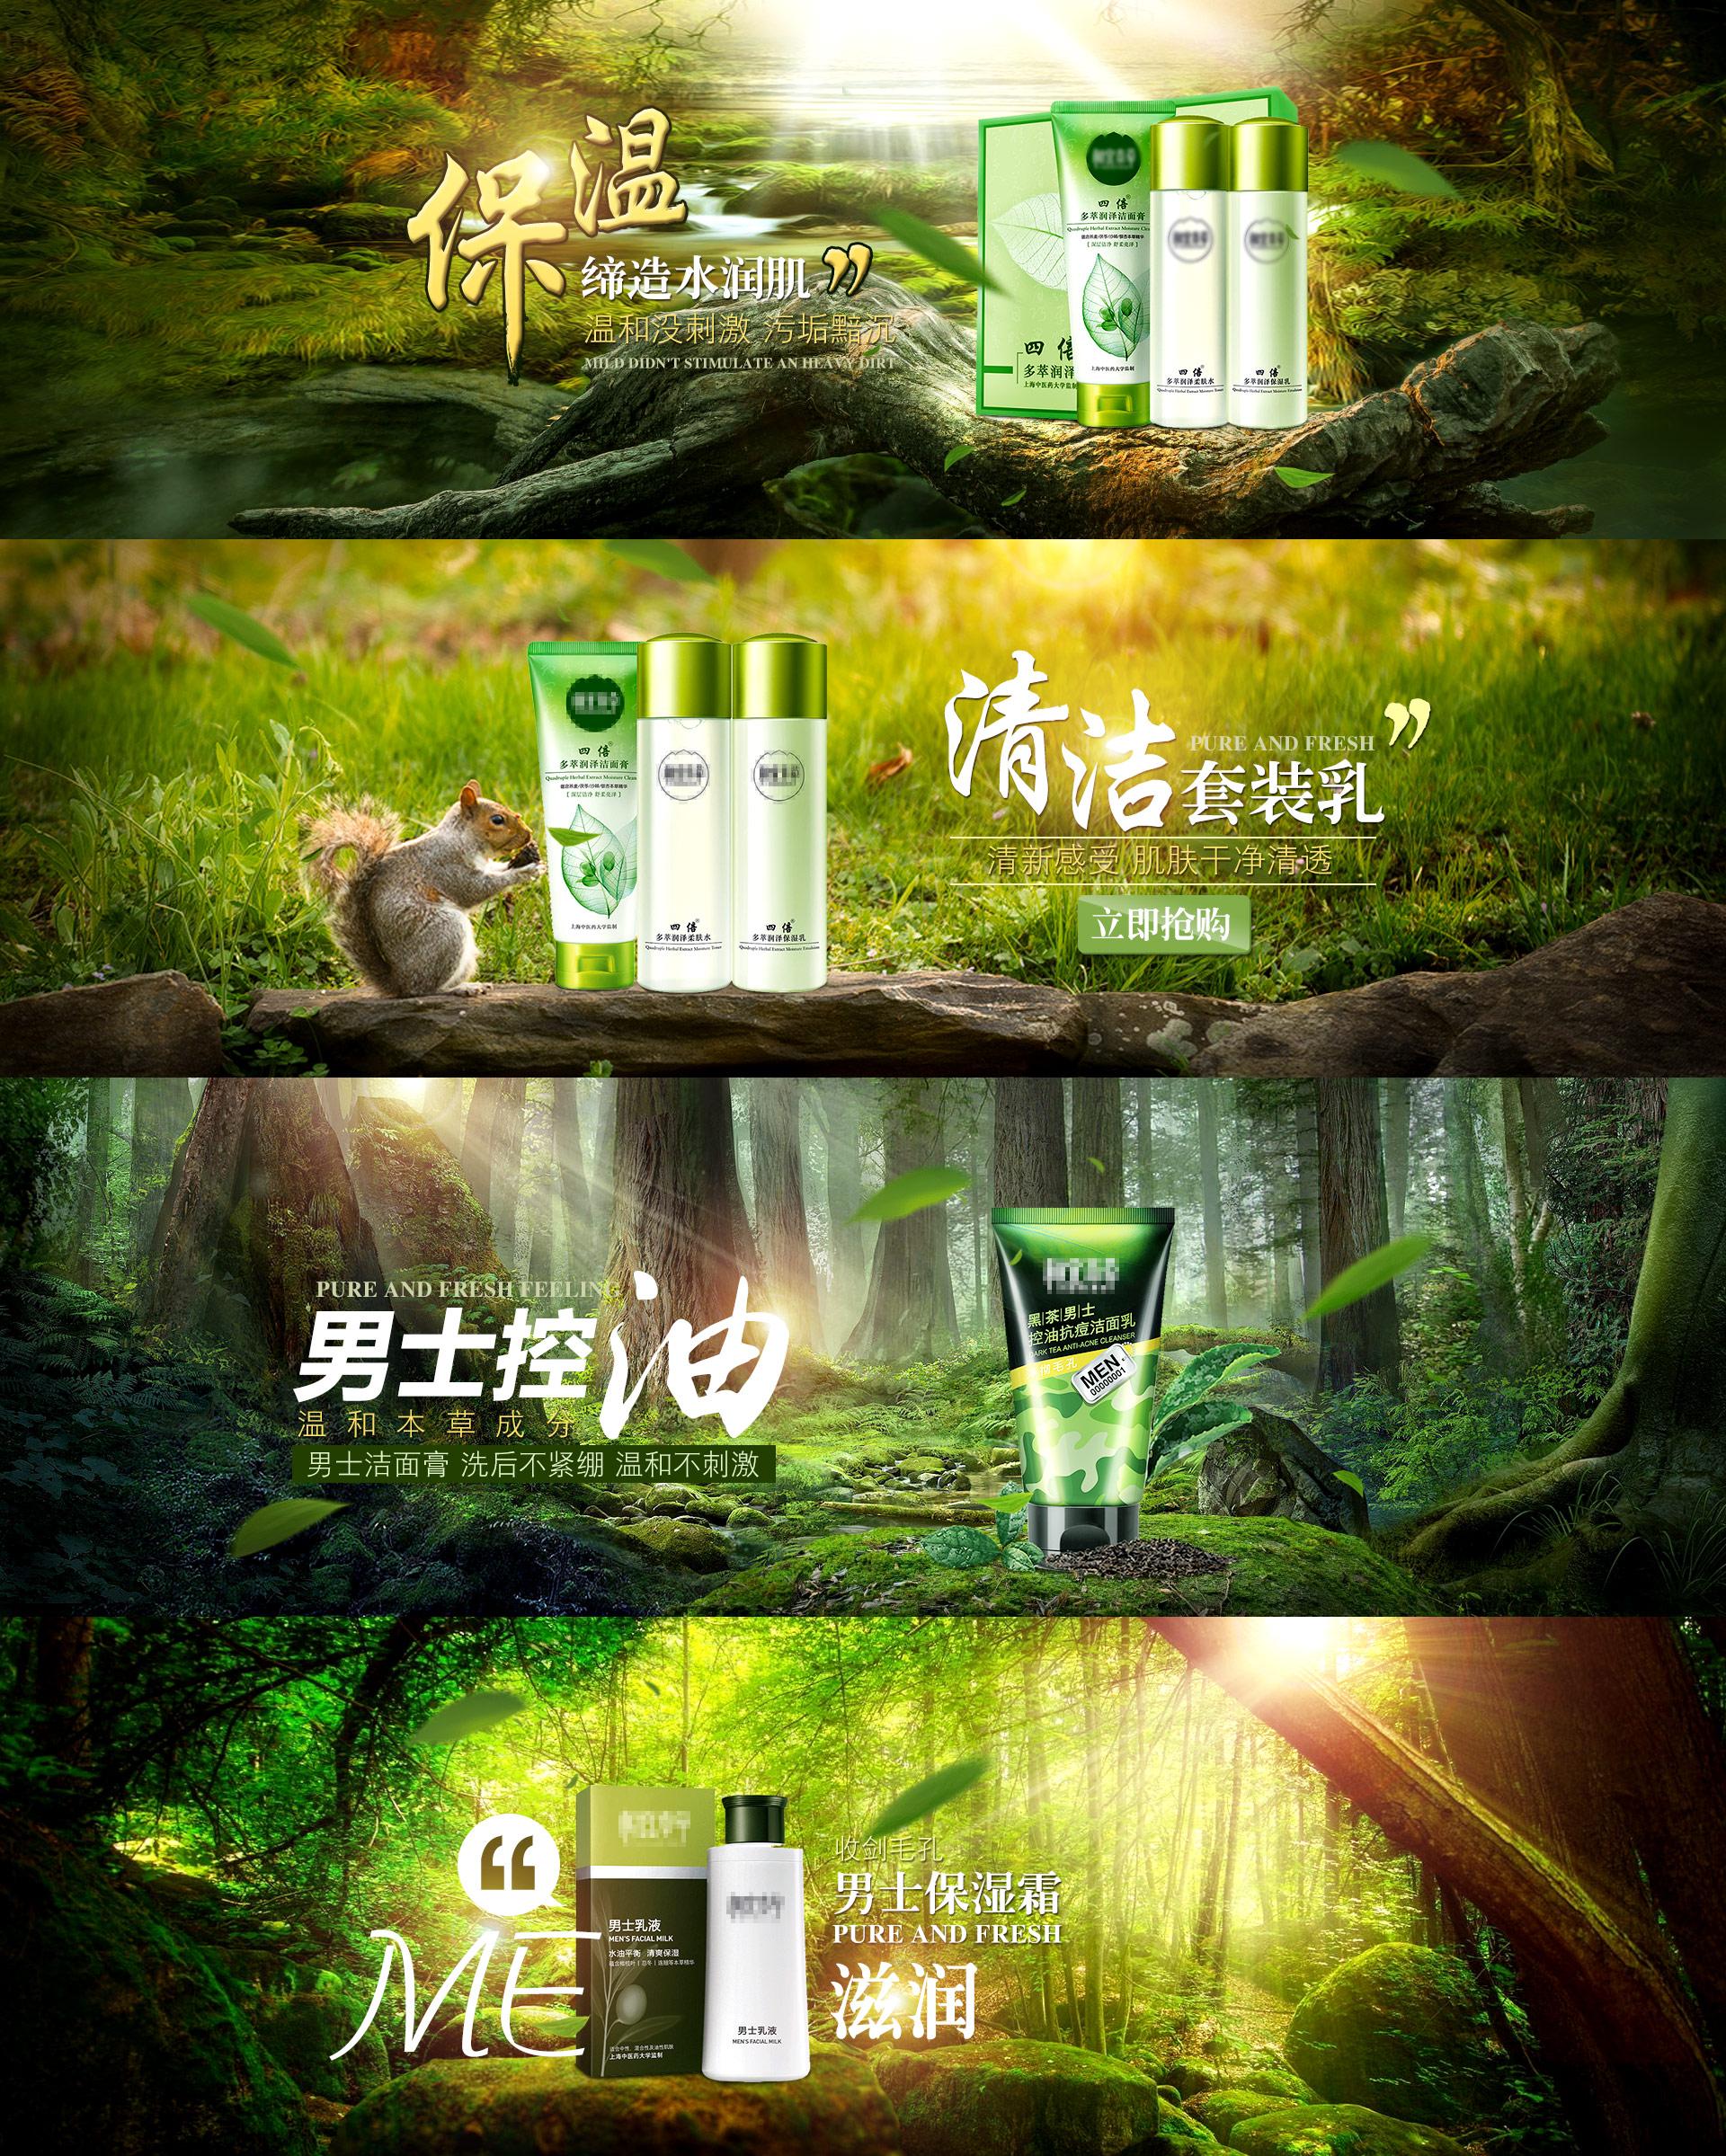 淘宝天猫绿色森林全屏海报固定背景小清新